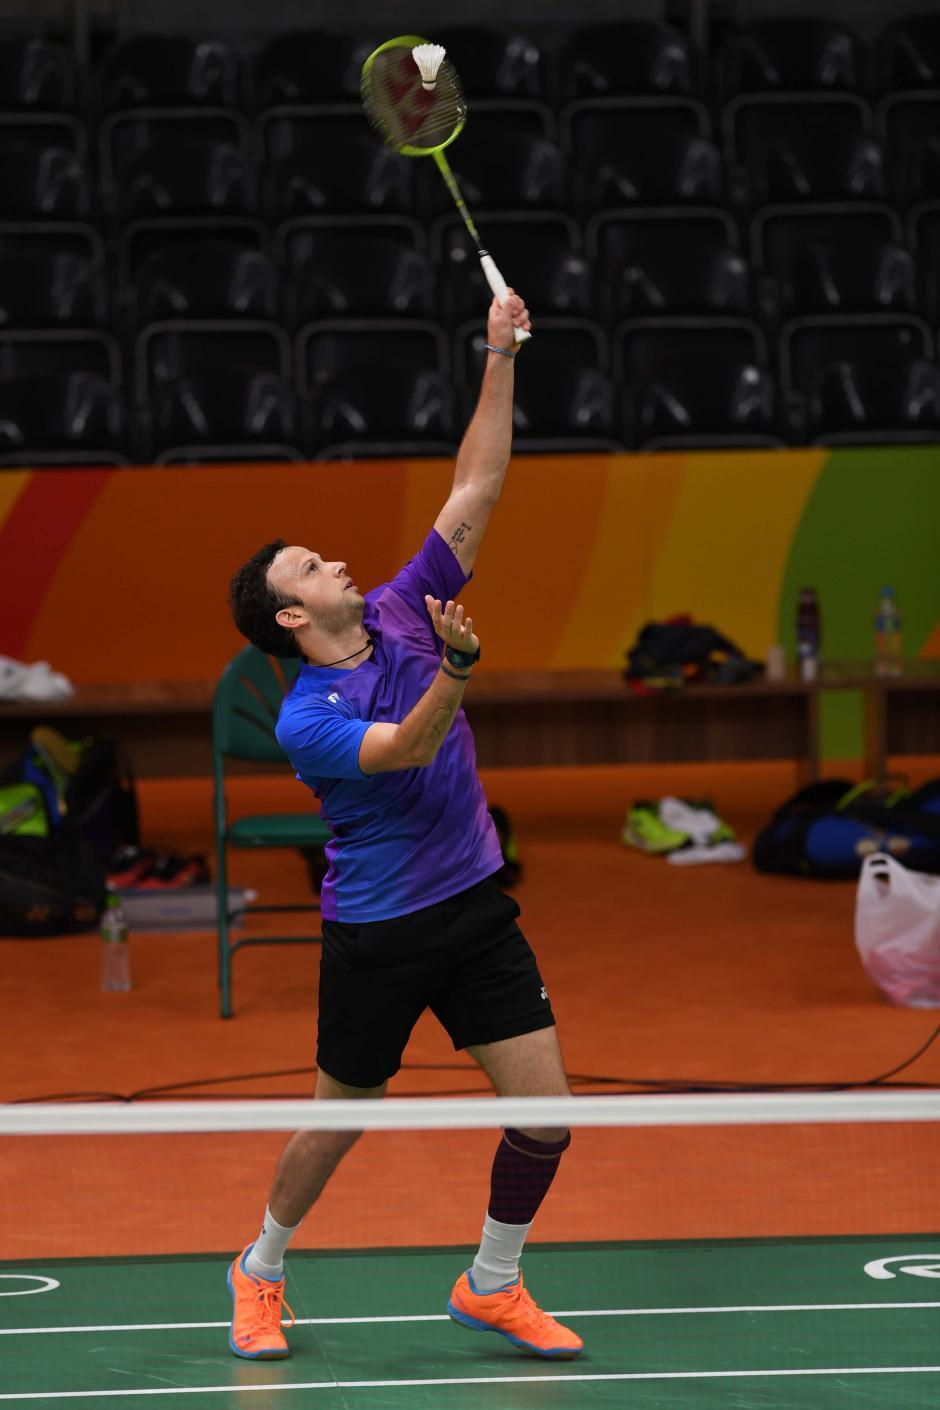 El zacapaneco jugará la ronda de clasificación contra dos asiáticos y un europeo. (Foto: Sergio Muñoz/ACD)